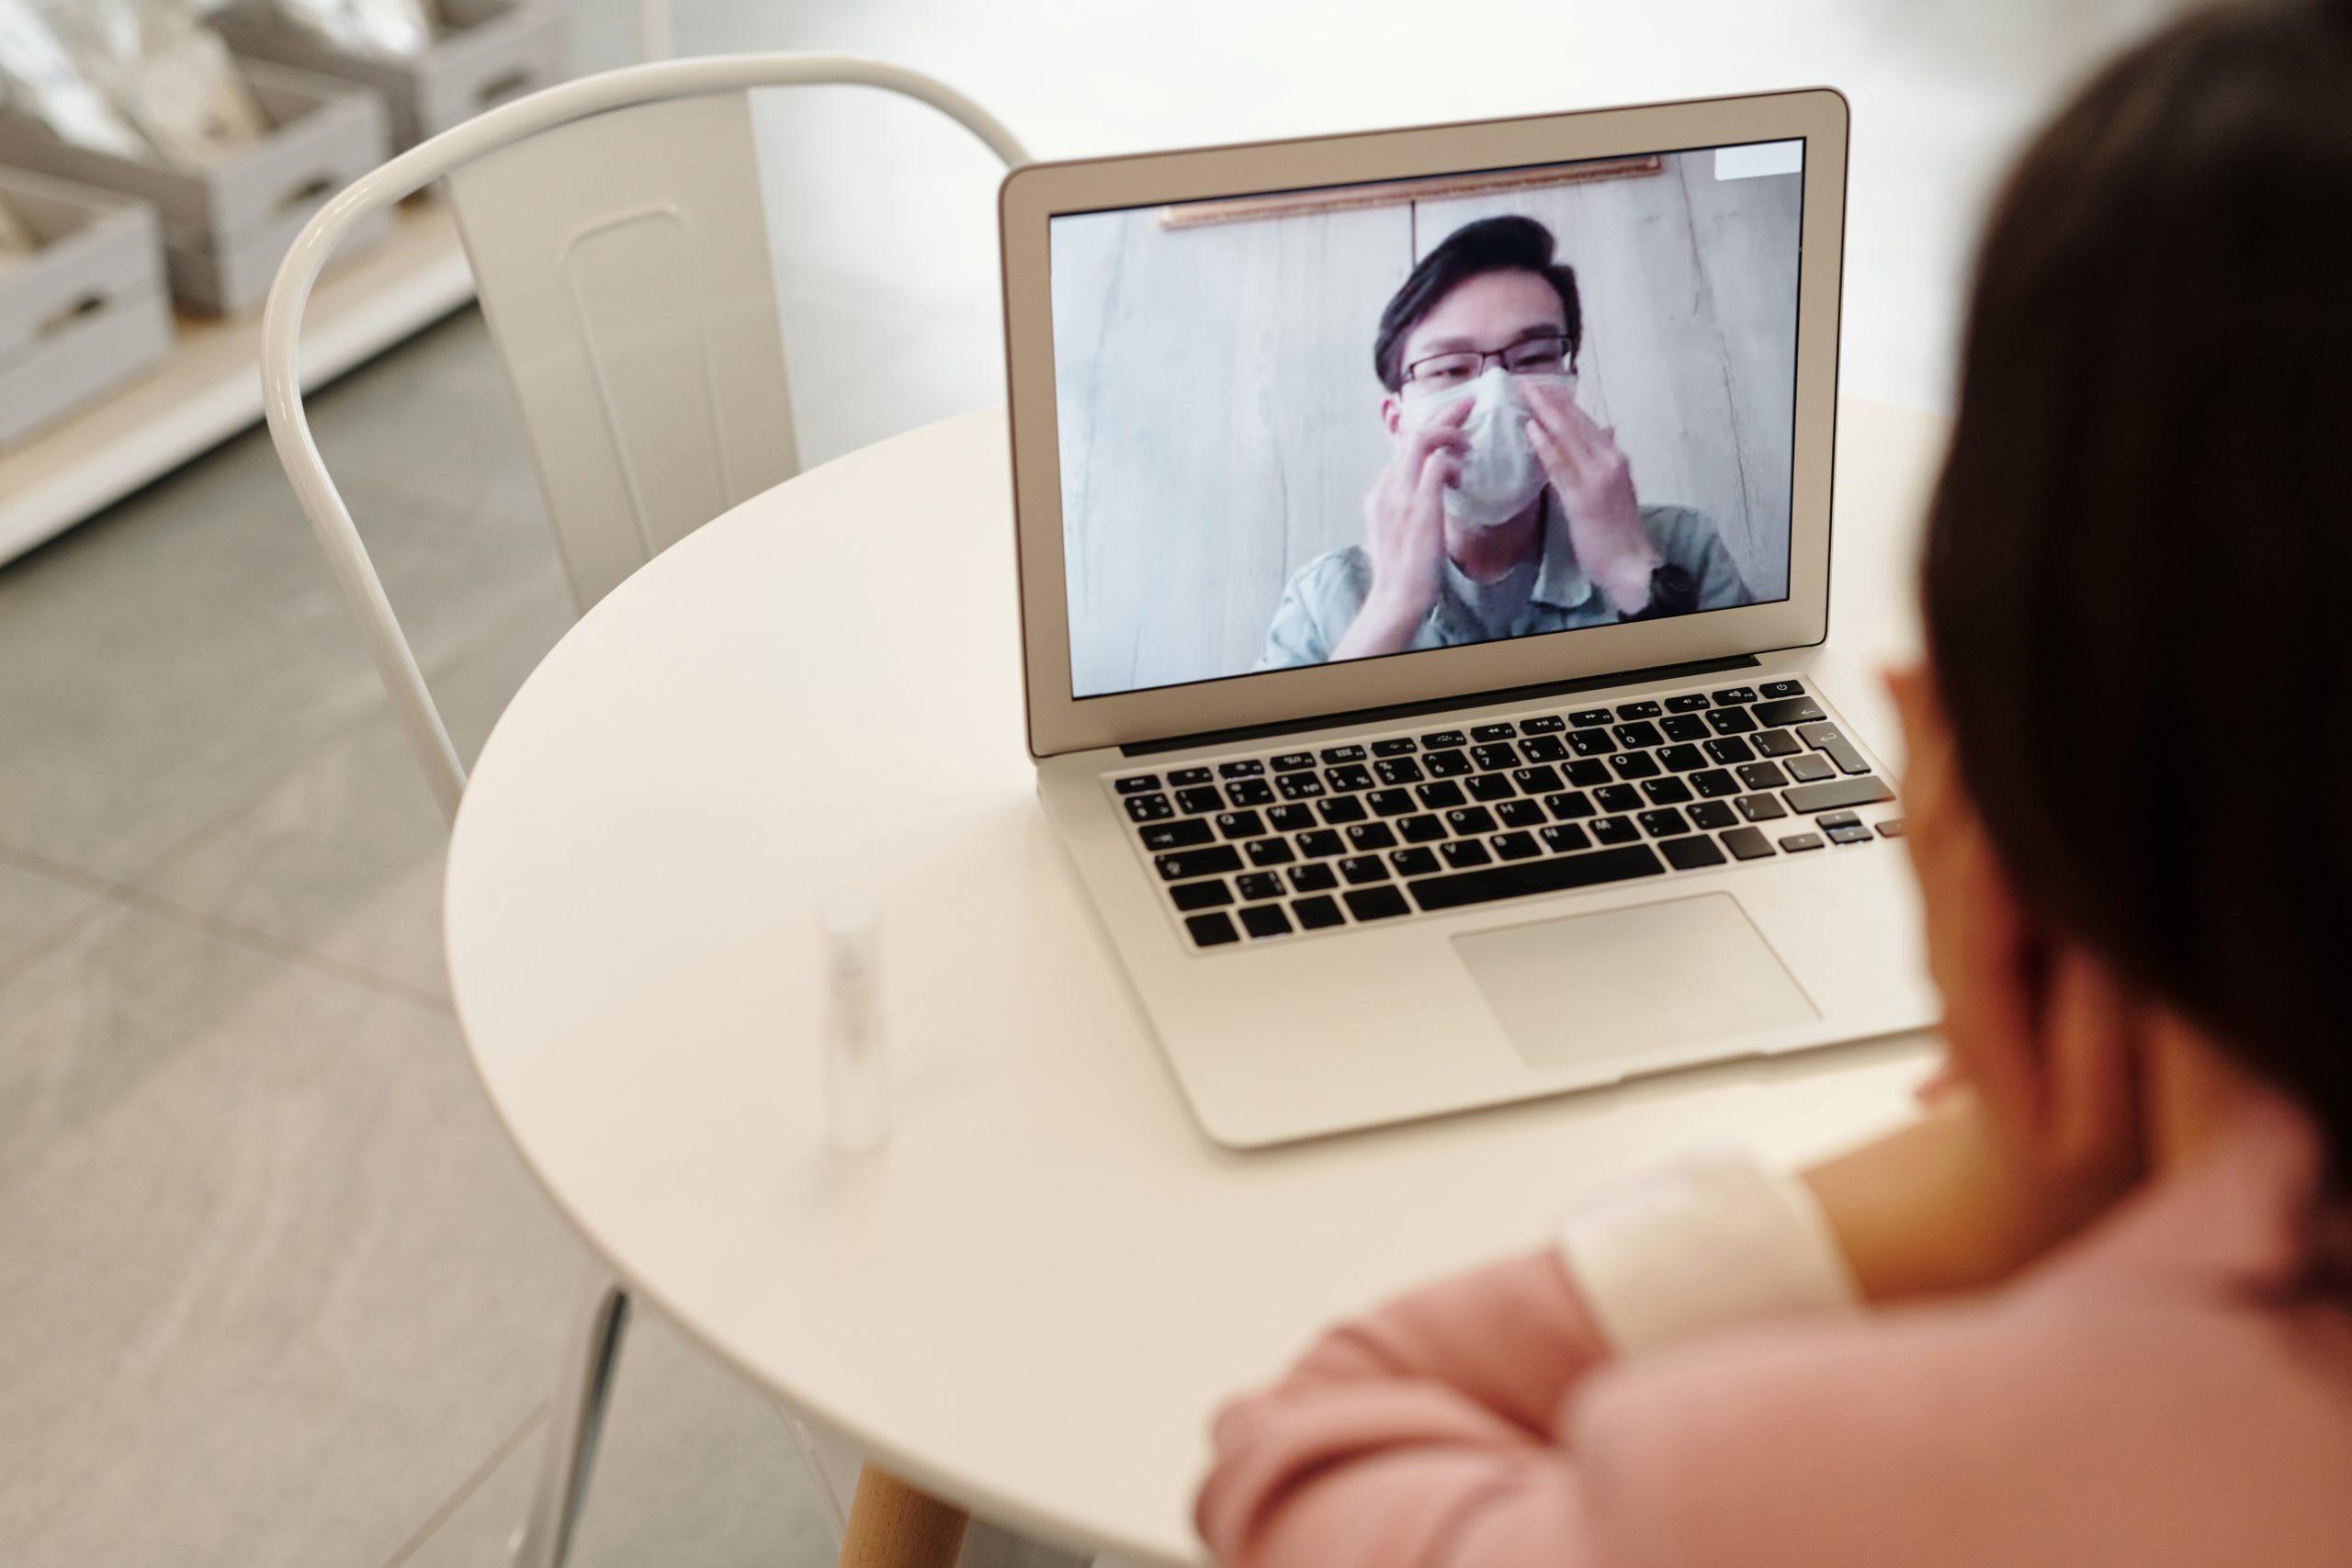 近況:会員様のオンライン婚活への姿勢